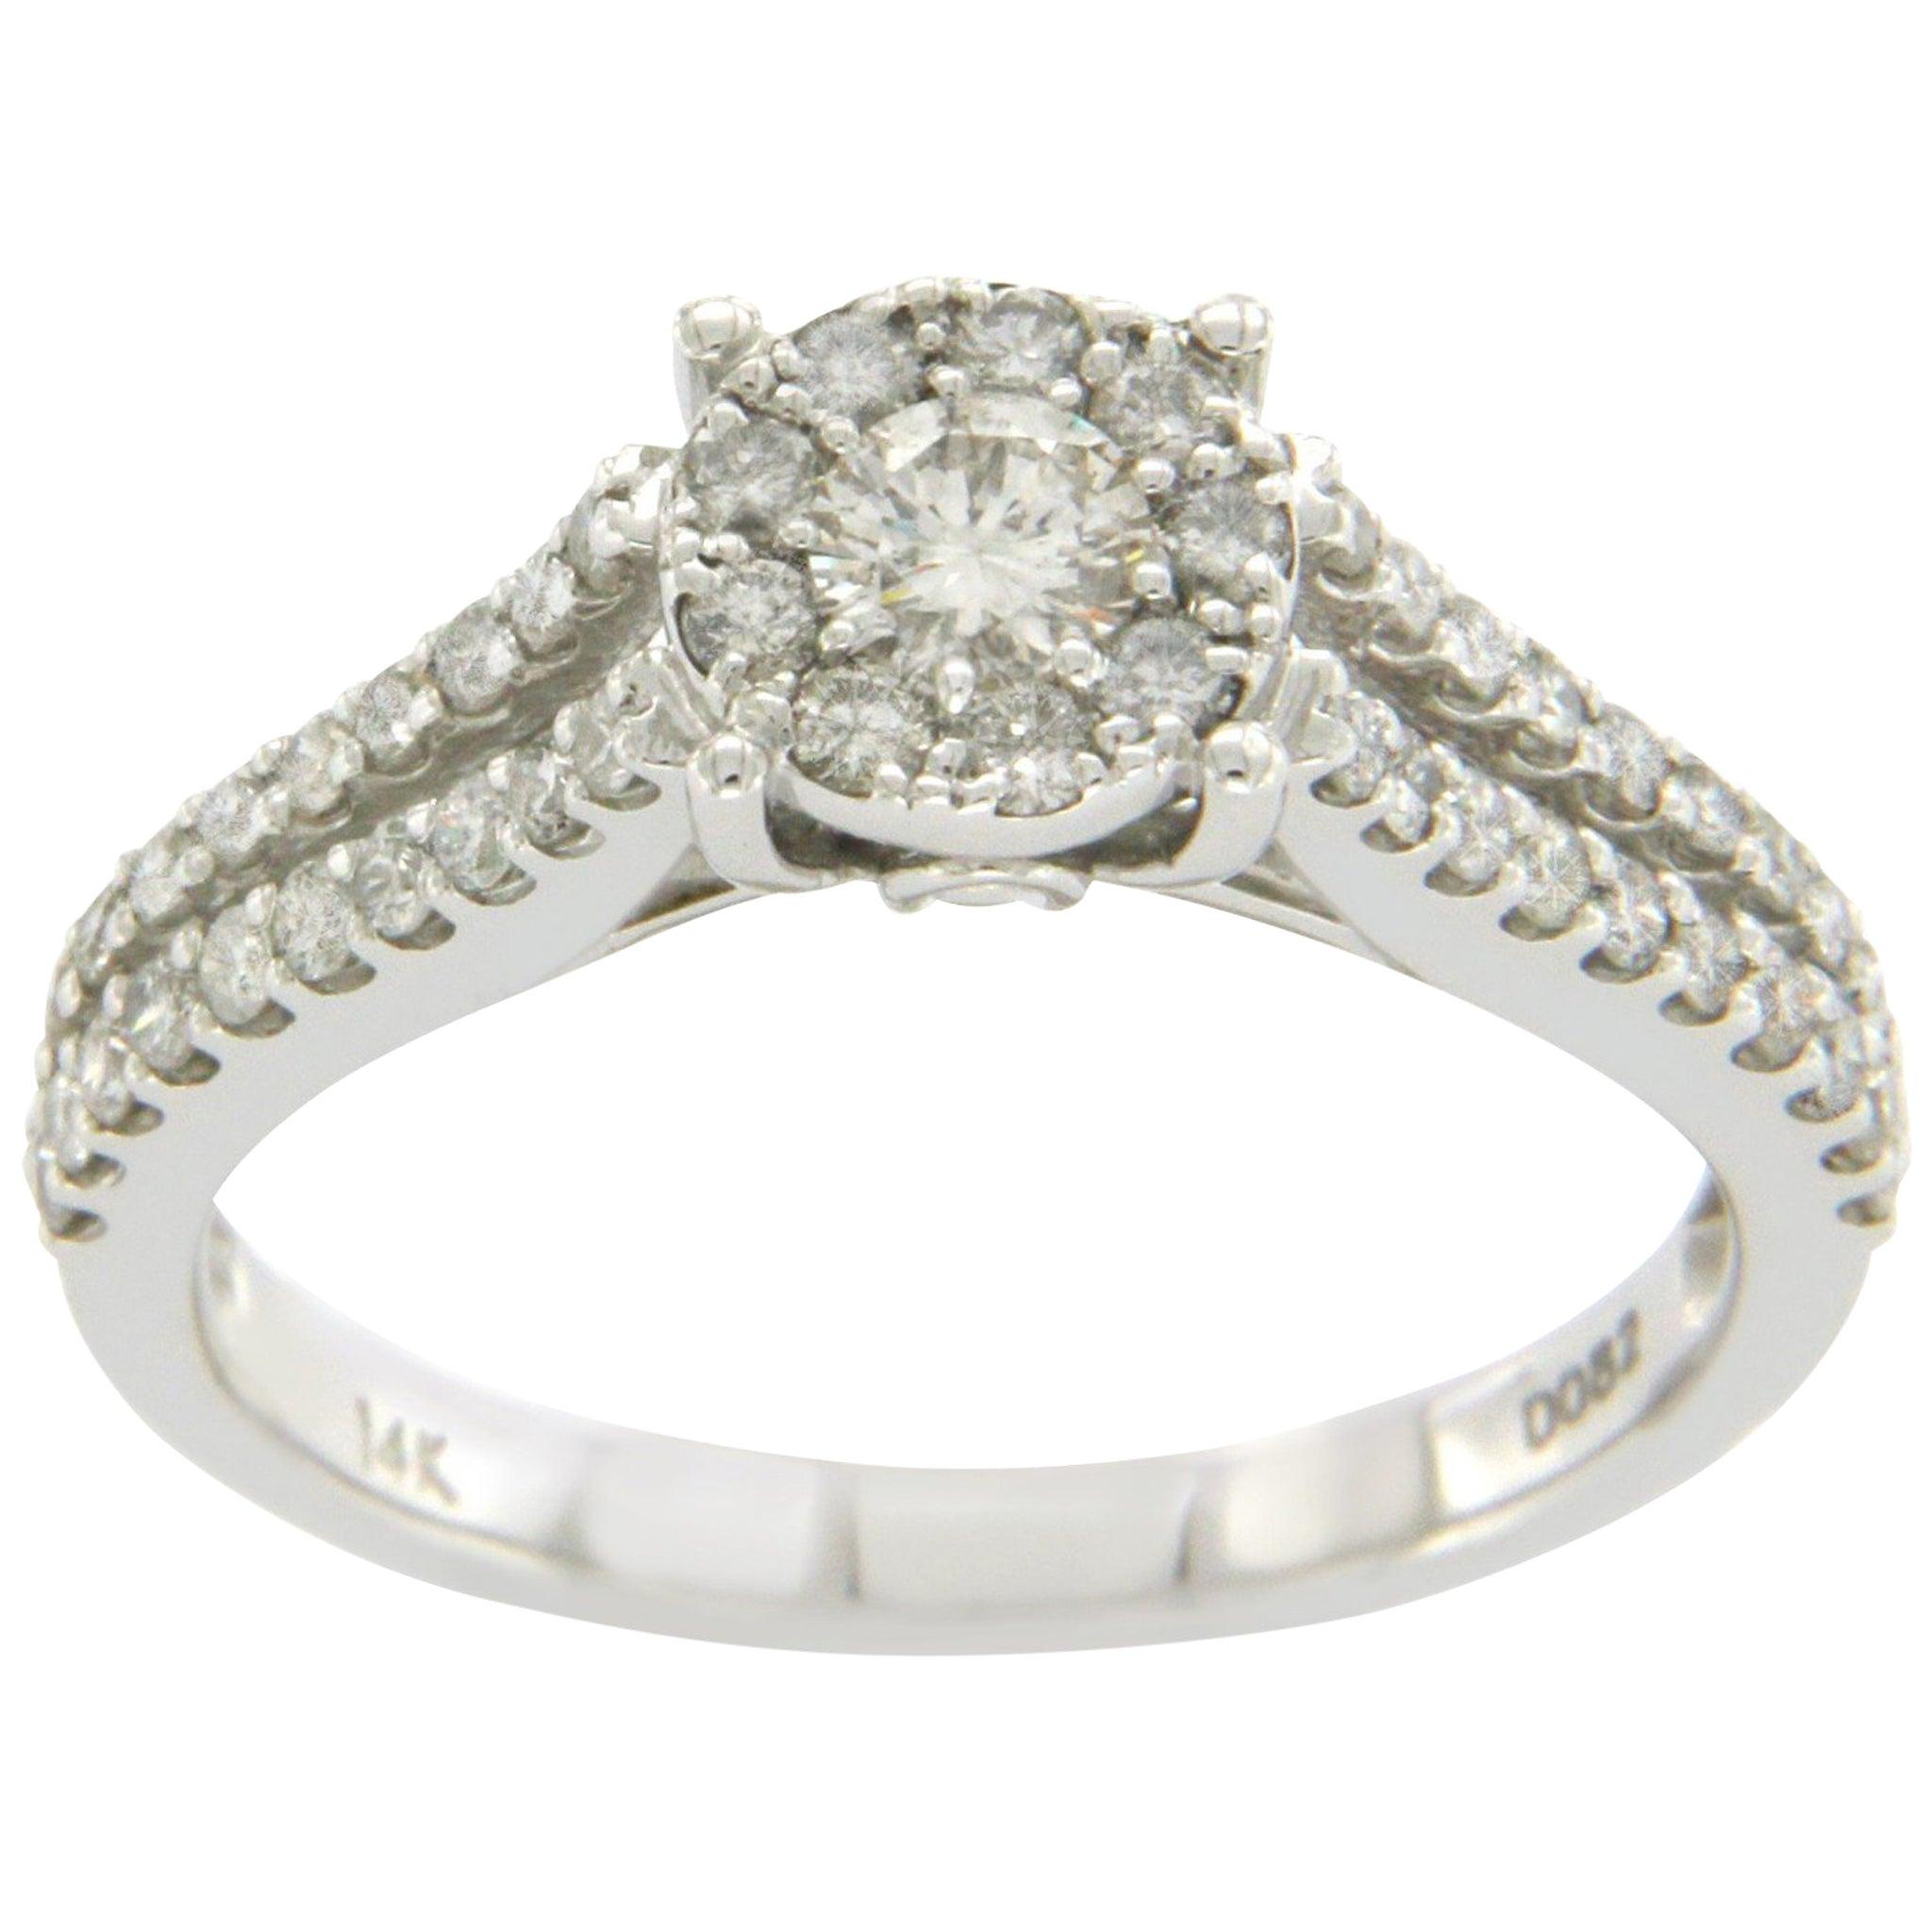 14 Karat White Gold 0.82 Carat Diamonds Engagement Ring